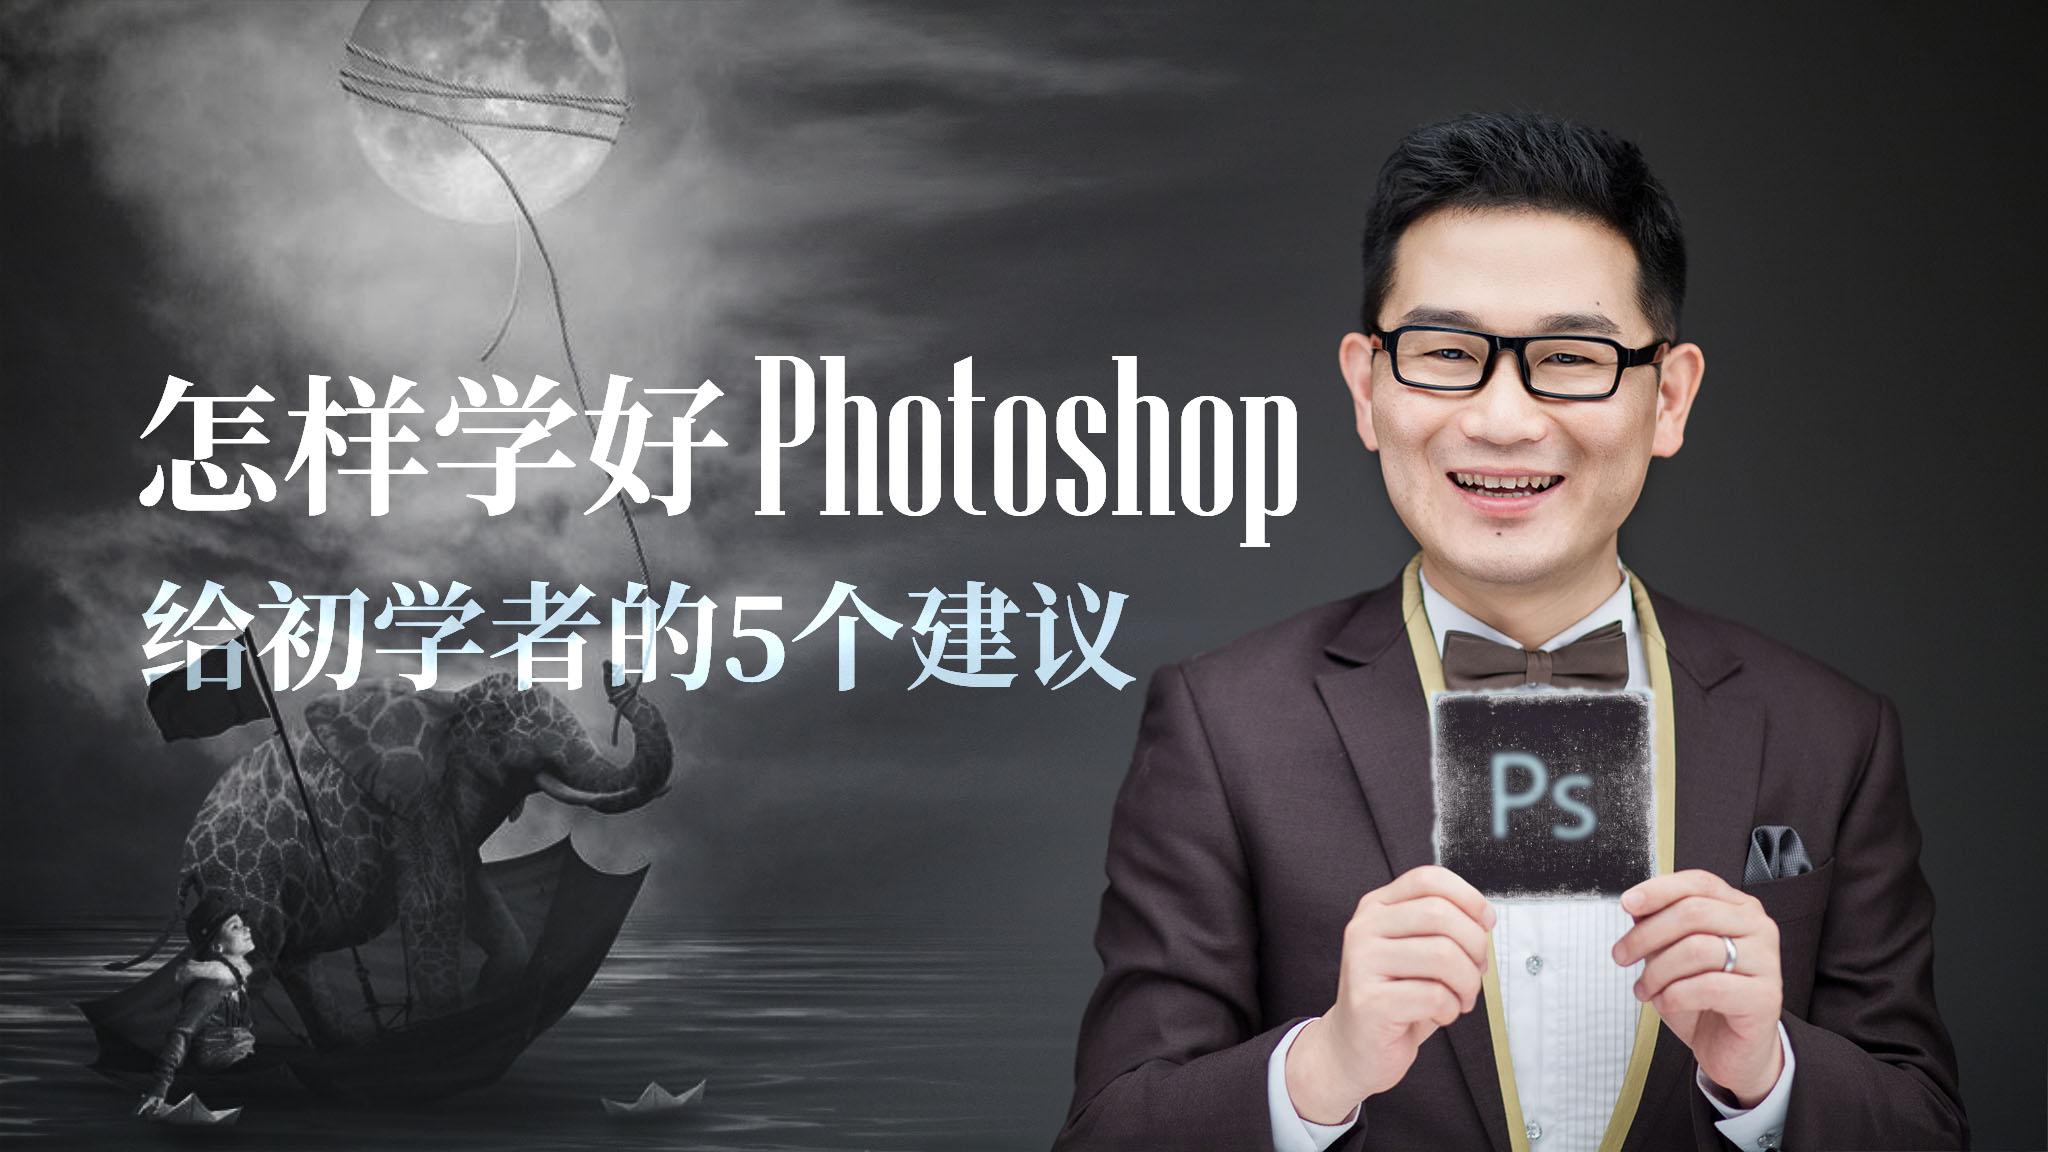 怎样学好Photoshop.ps.摄影后期风光人像精修调色抠图平面设计